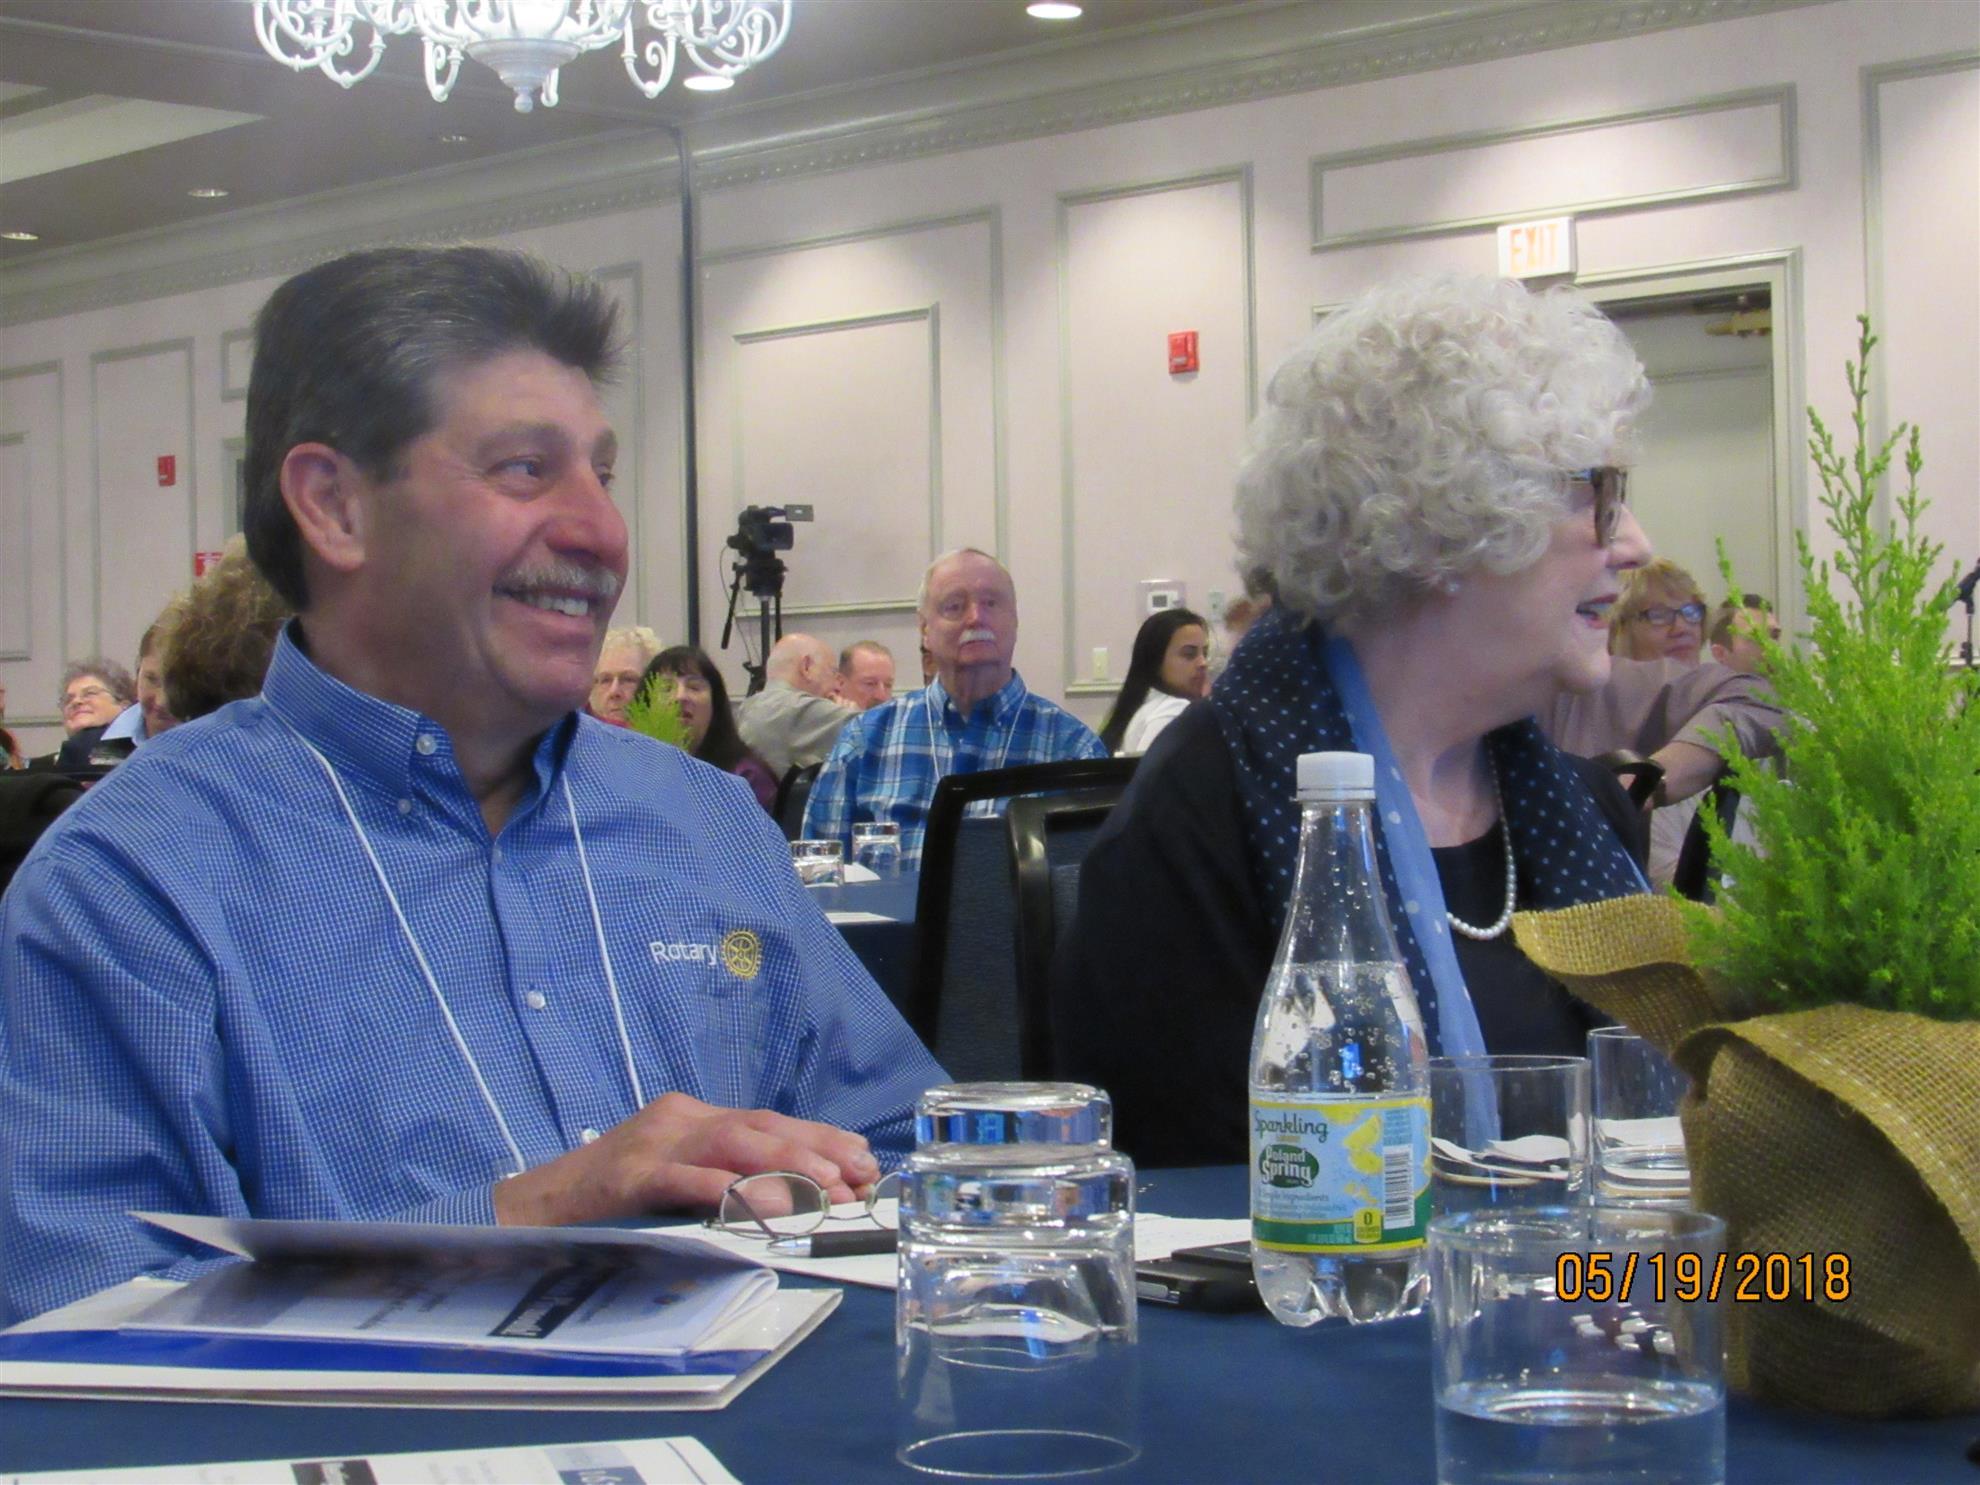 DG Steve and Paulette